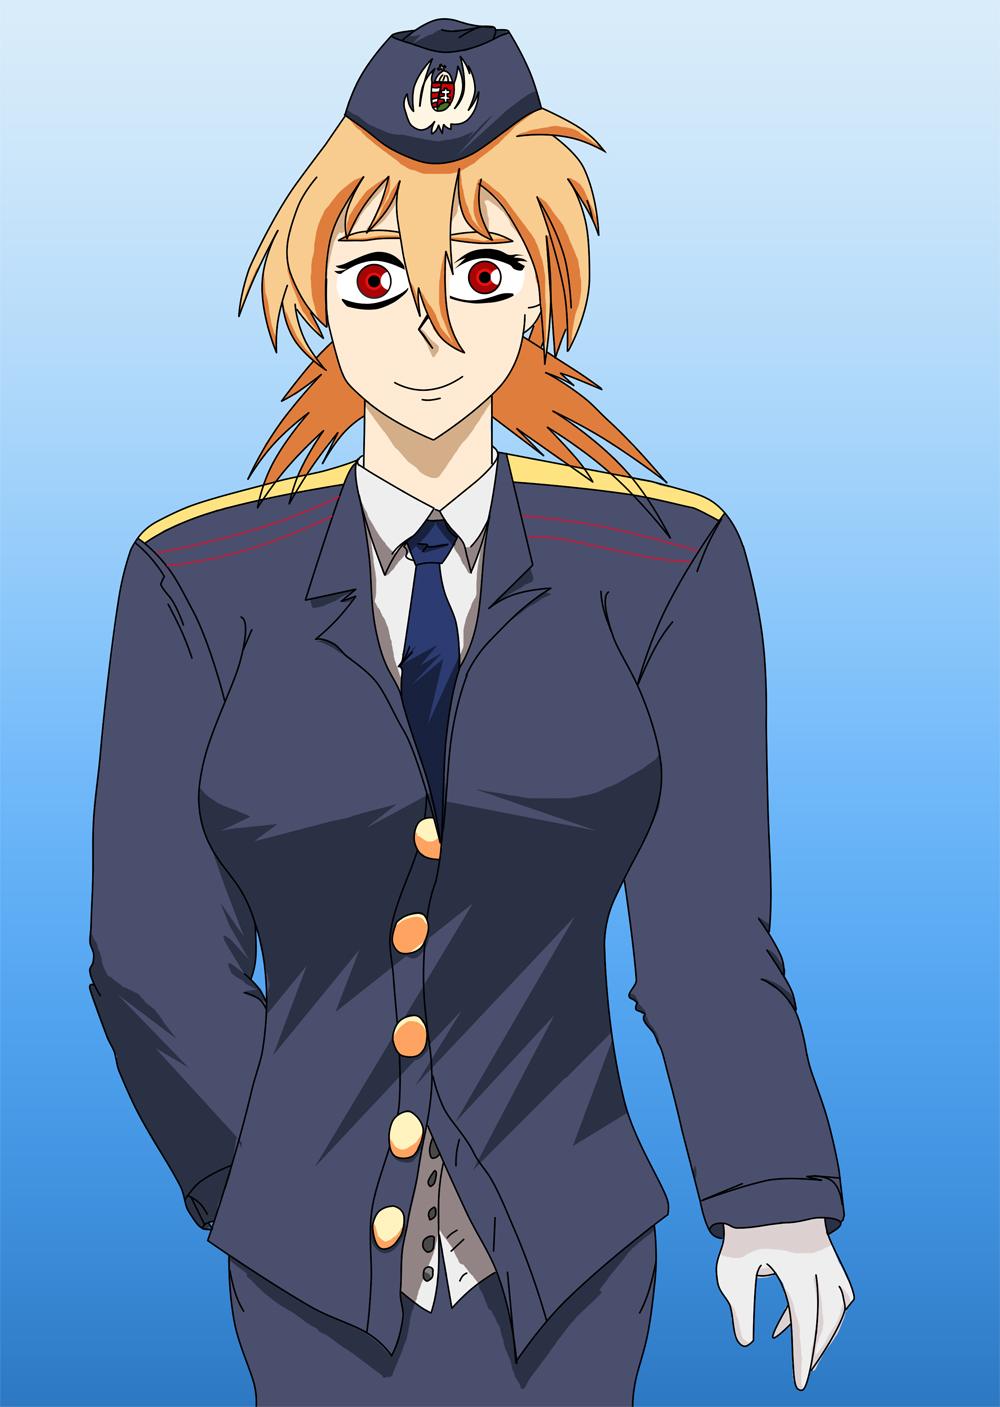 Seras Victoria in Uniform by dani0001